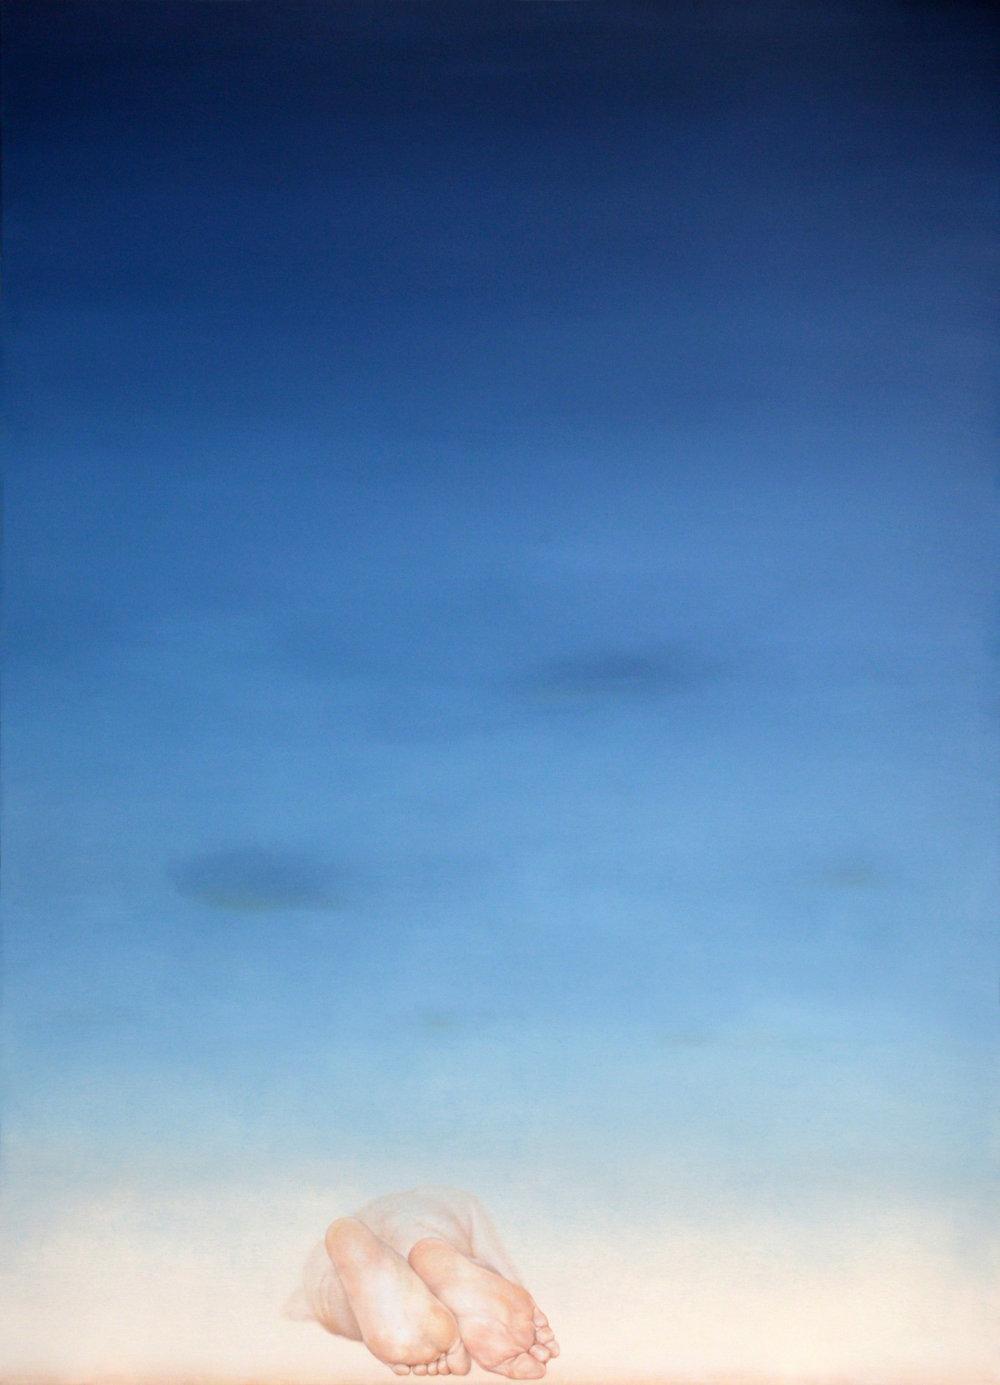 Dorota Sadovska, Krivan, 2016, Oil on Canvas, 71 x 51 in (180 x 130 cm)